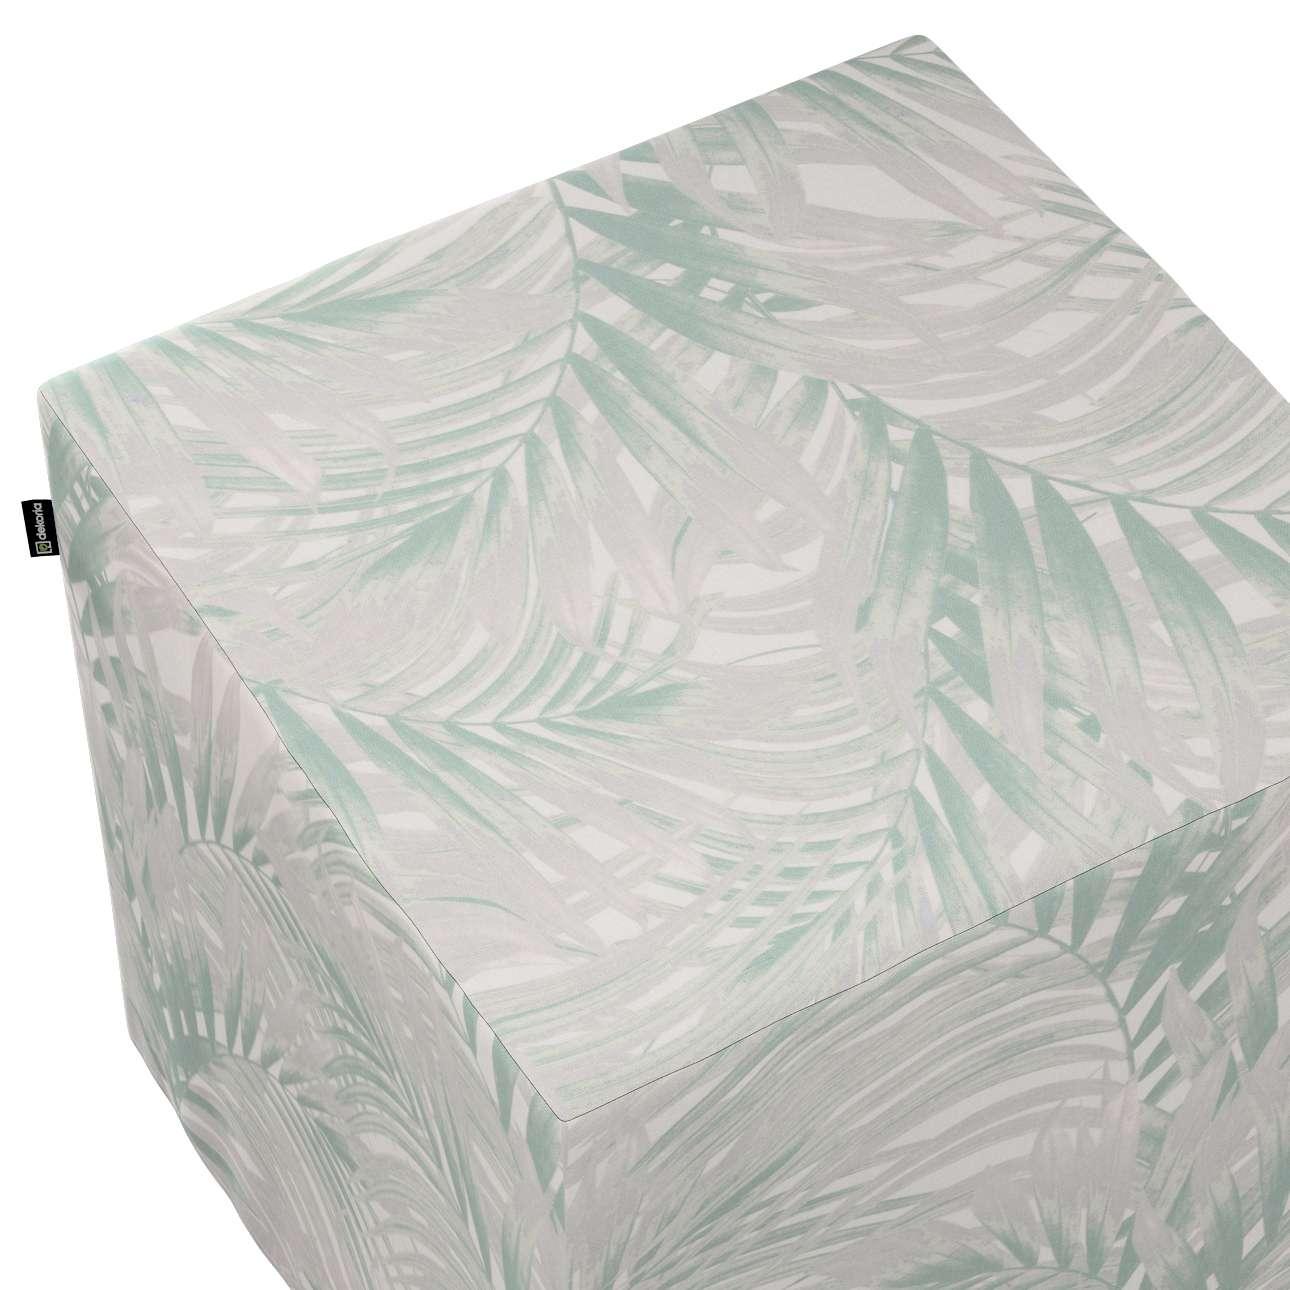 Taburetka tvrdá, kocka V kolekcii Gardenia, tkanina: 142-15